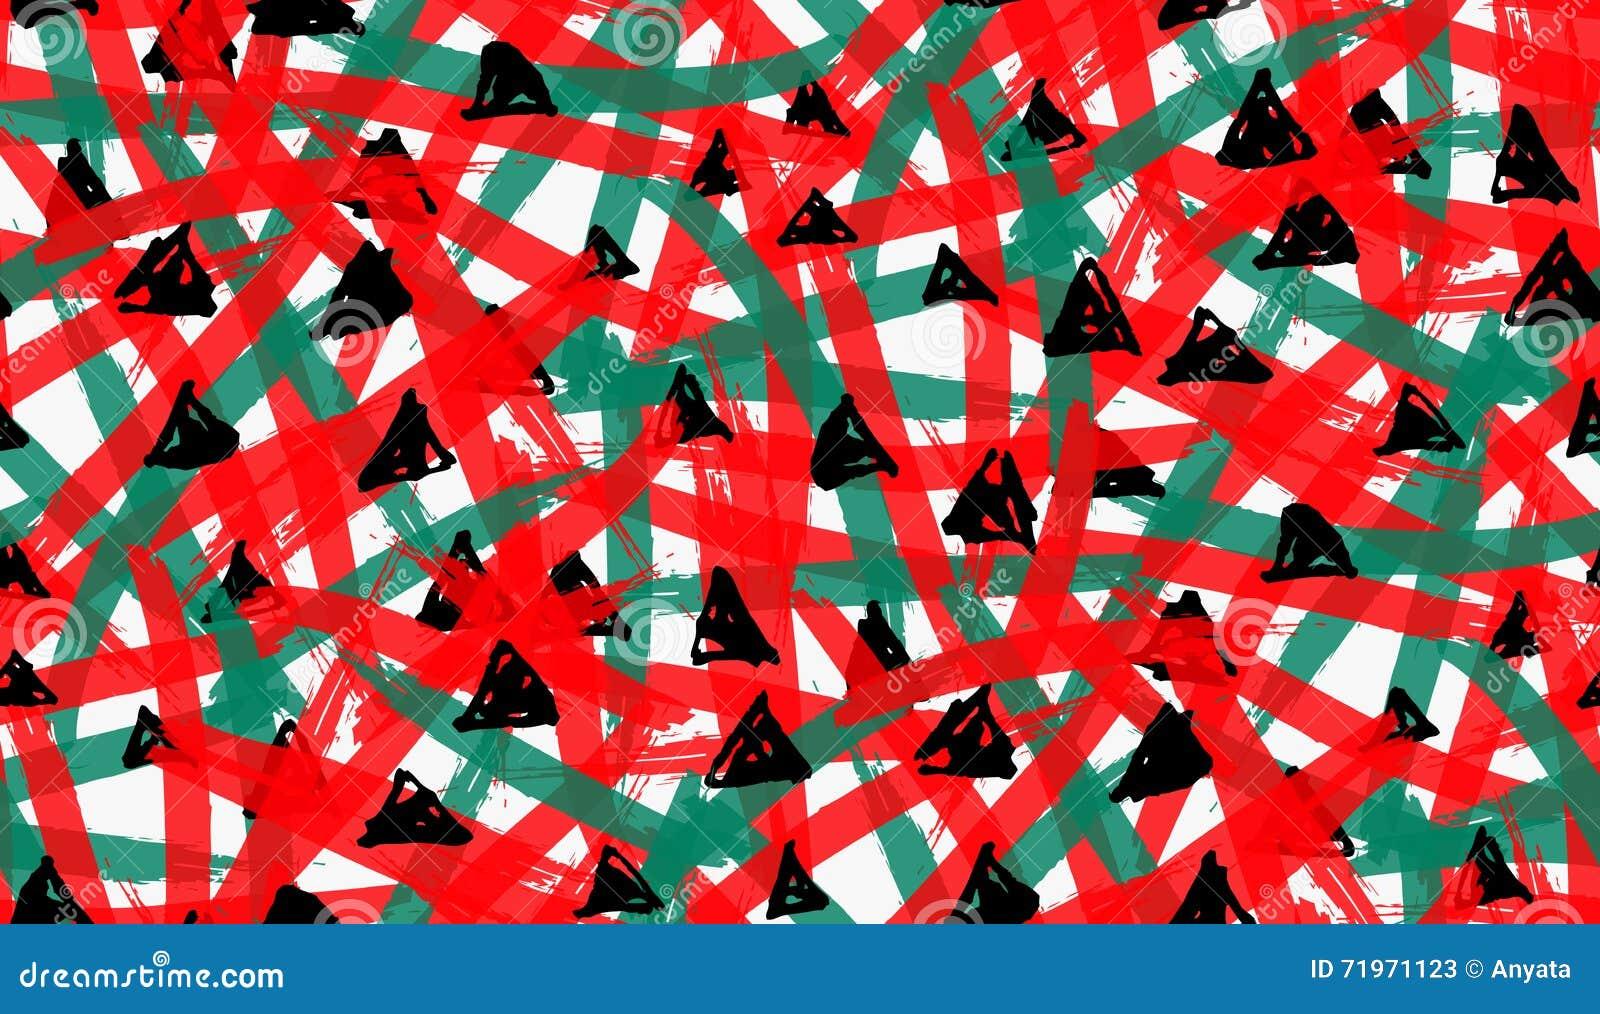 艺术性的颜色掠过了与黑三角的红色绿色纹理